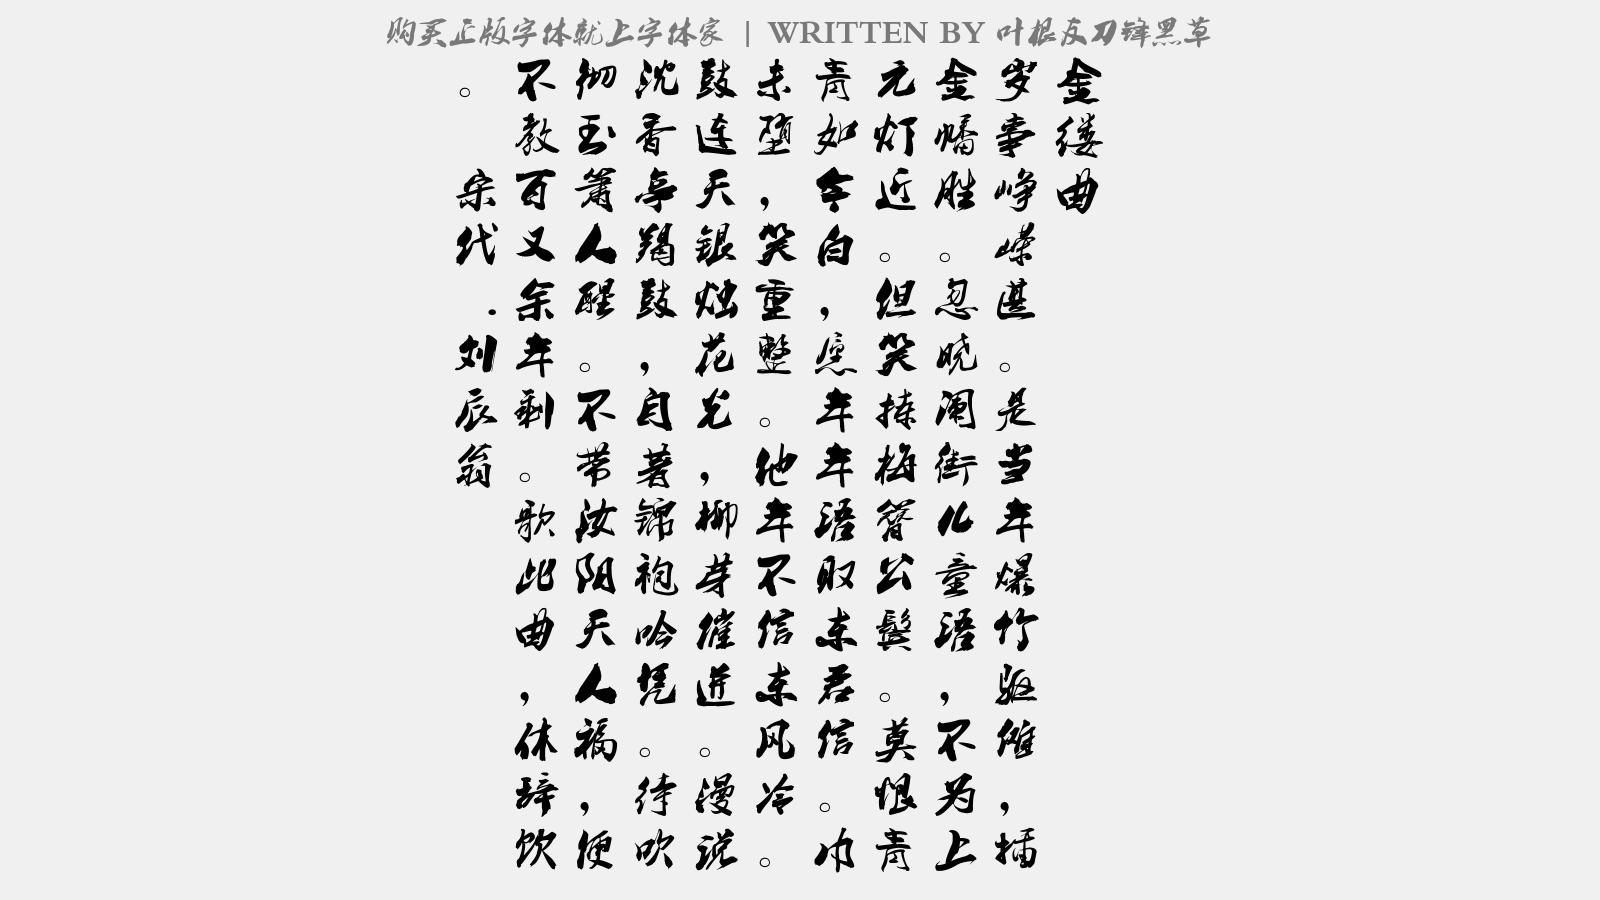 葉根友刀鋒黑草 - 金縷曲(賀趙松廬)